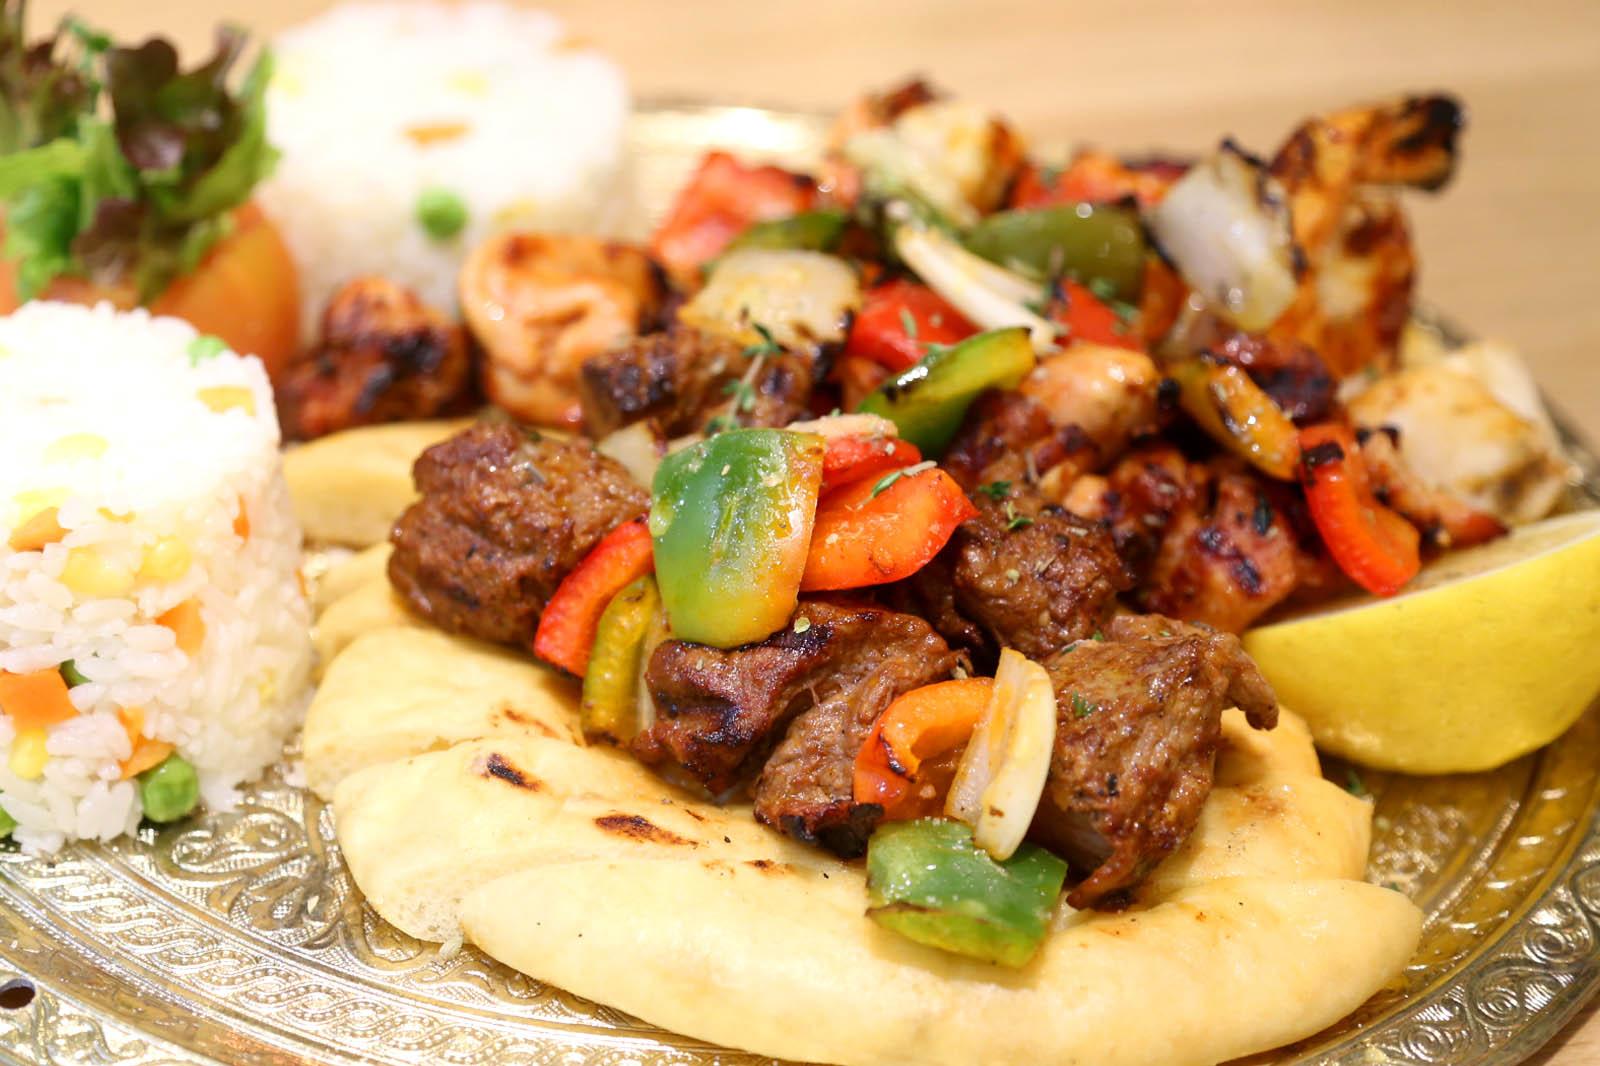 Ottoman kebab grill authentic tasting turkish food at bedok mall ottoman kebab grill authentic tasting turkish food at bedok mall forumfinder Choice Image